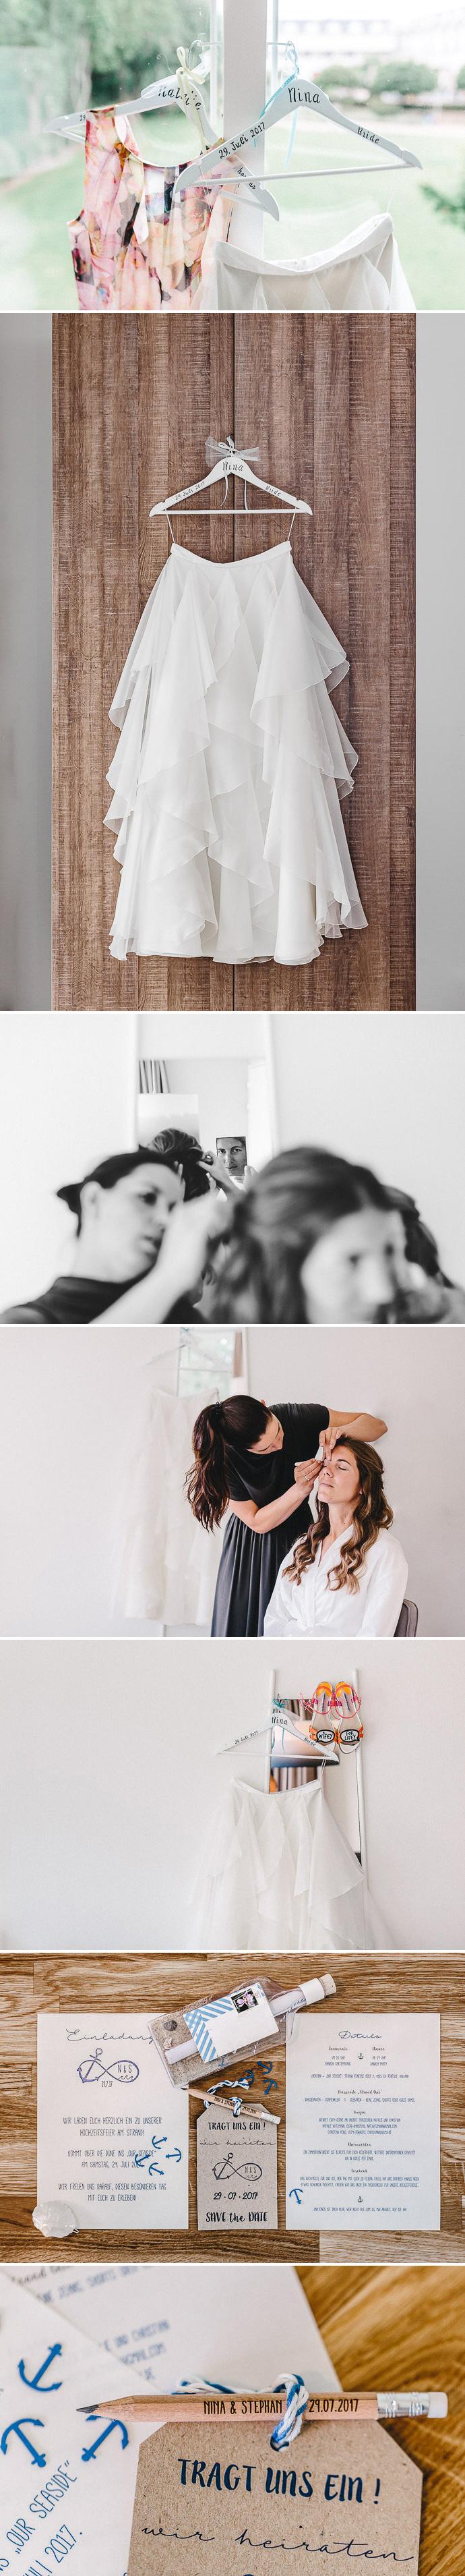 Tim Kurth Fotografie Getting Ready Teil1 – gesehen bei frauimmer-herrewig.de